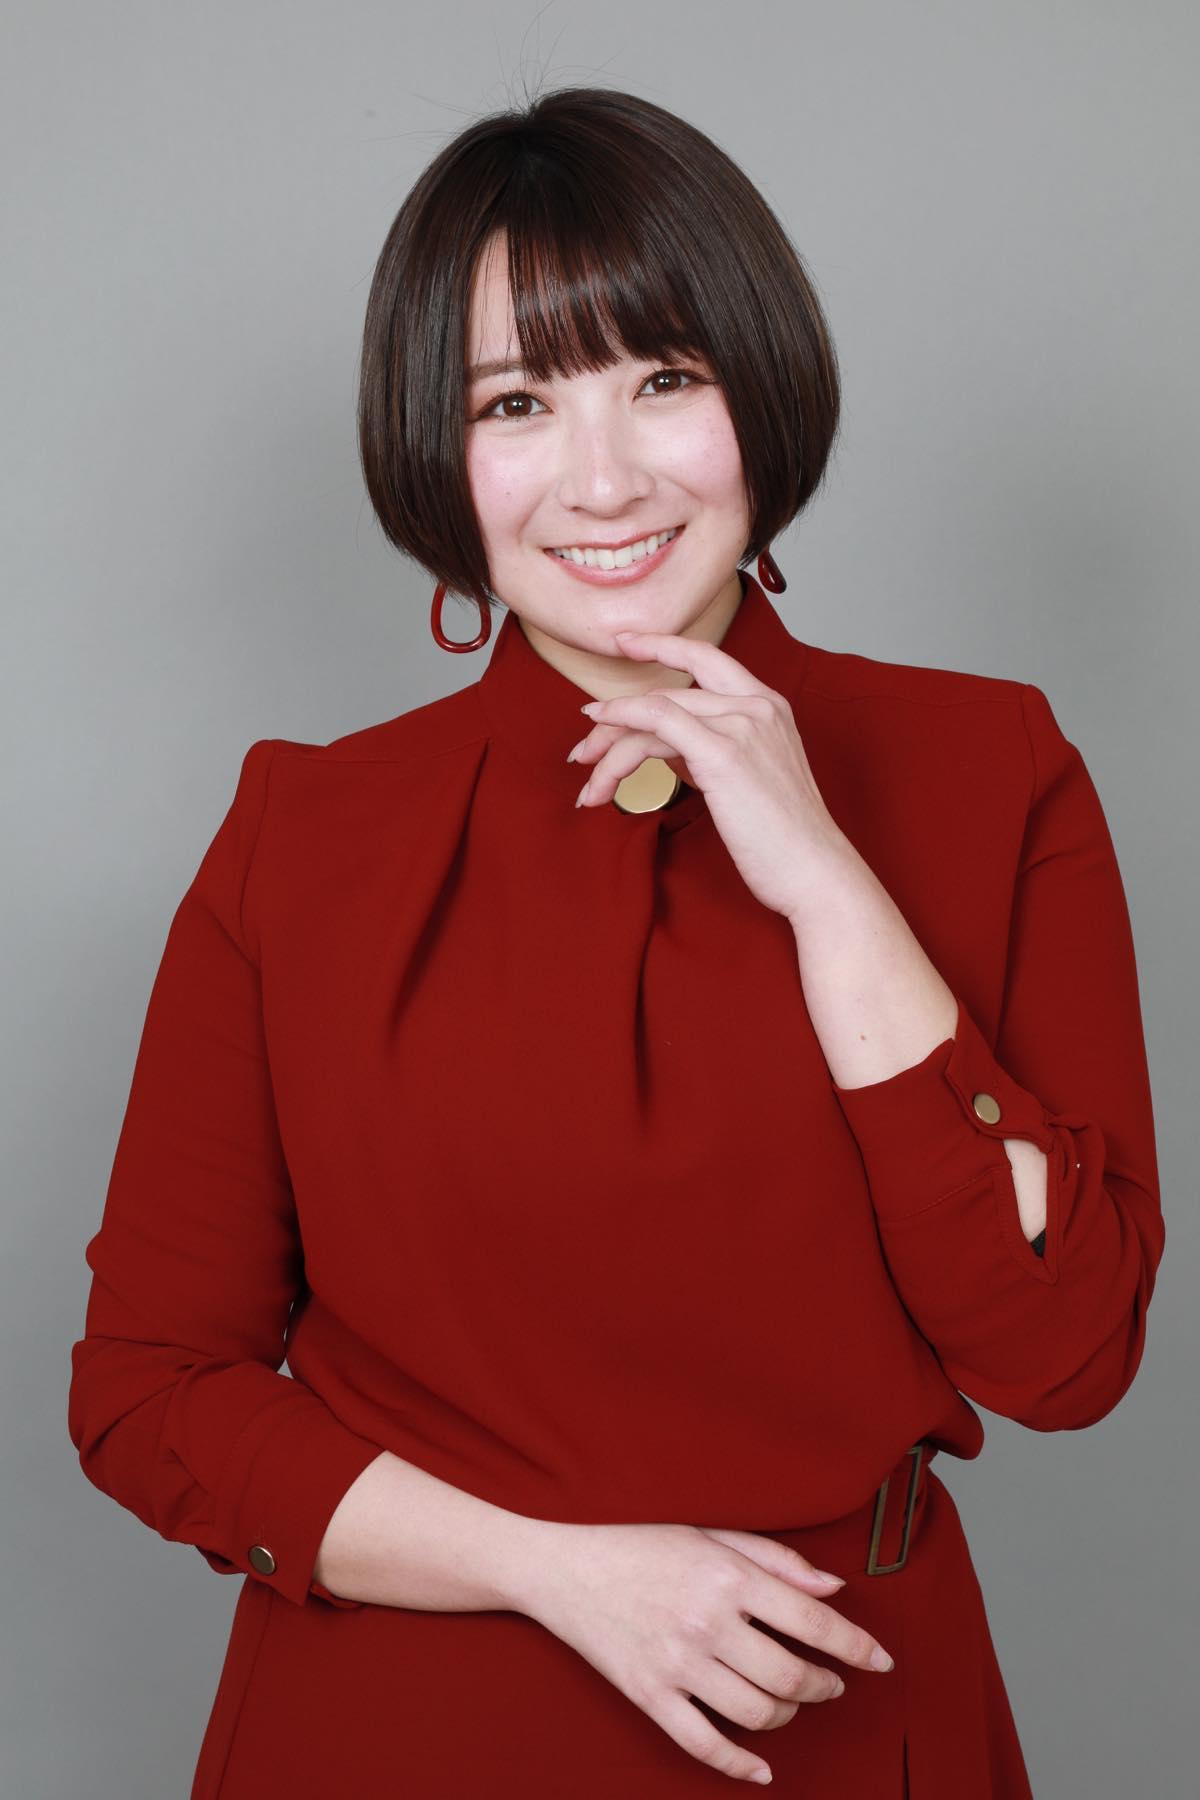 「105cmバスト」紺野栞の画像26